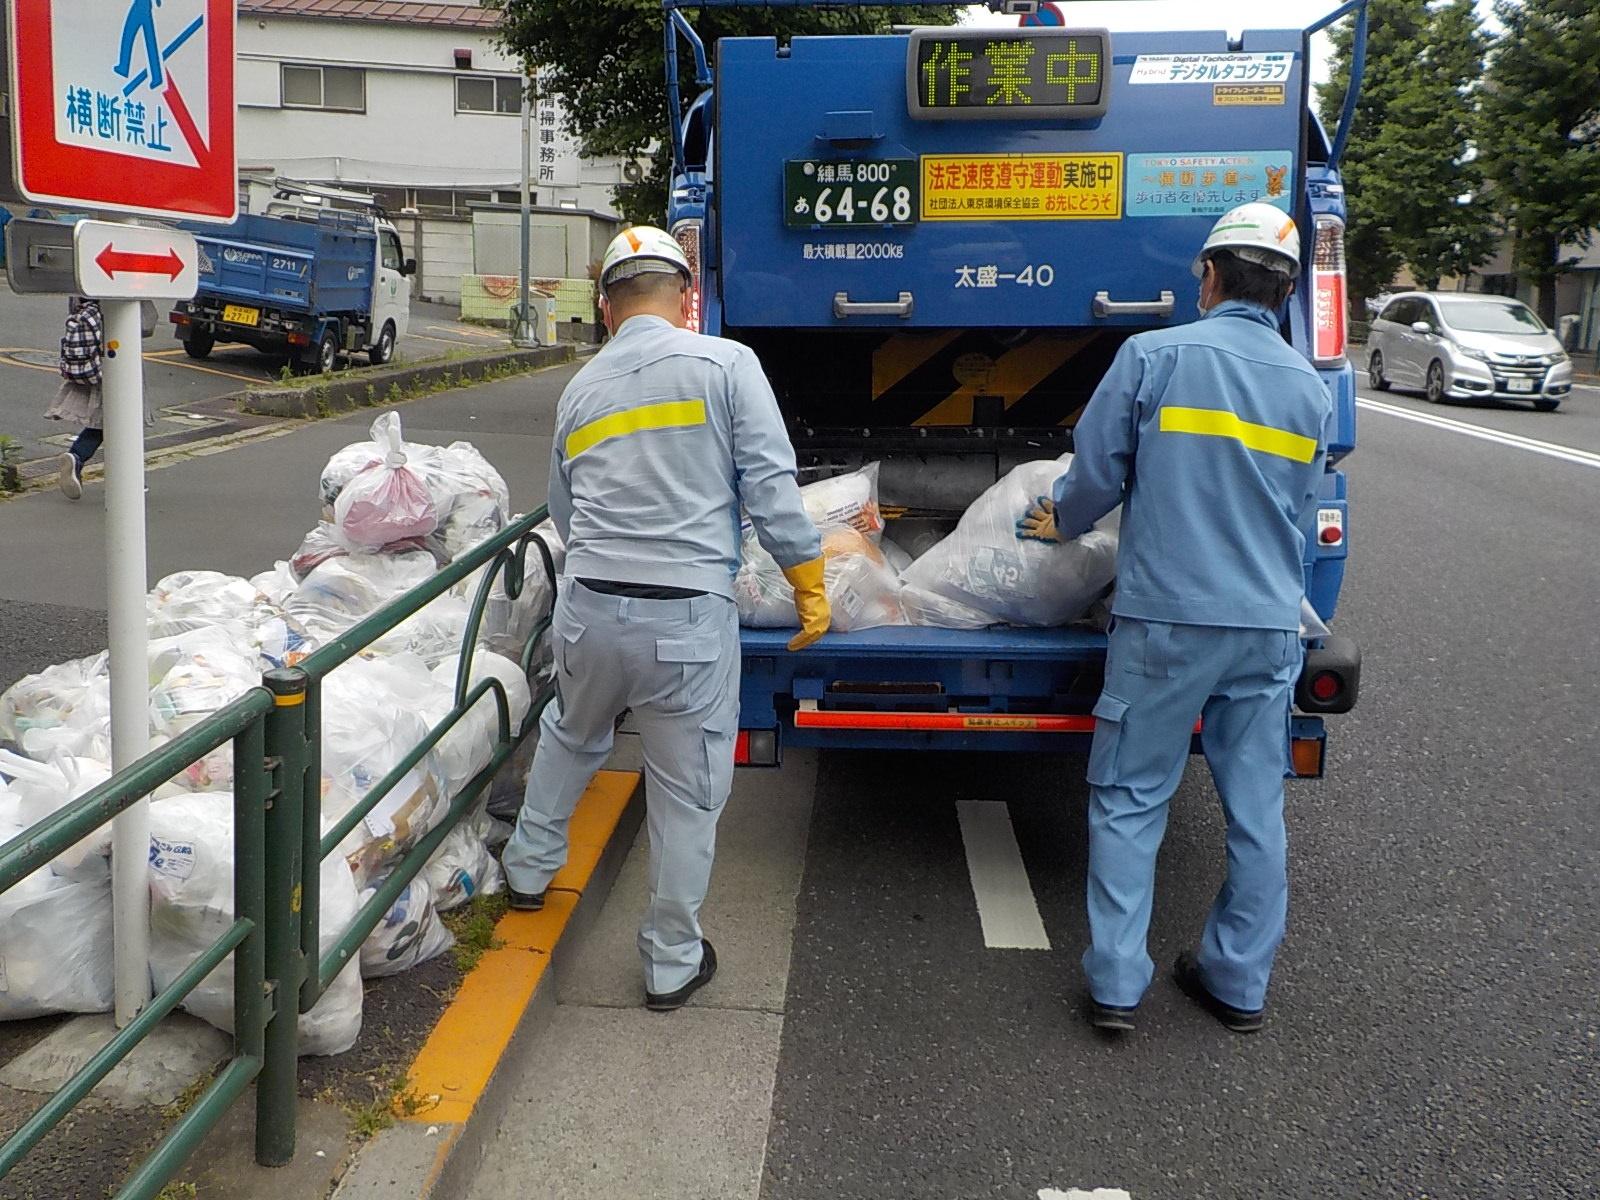 ゴミ 収集 員